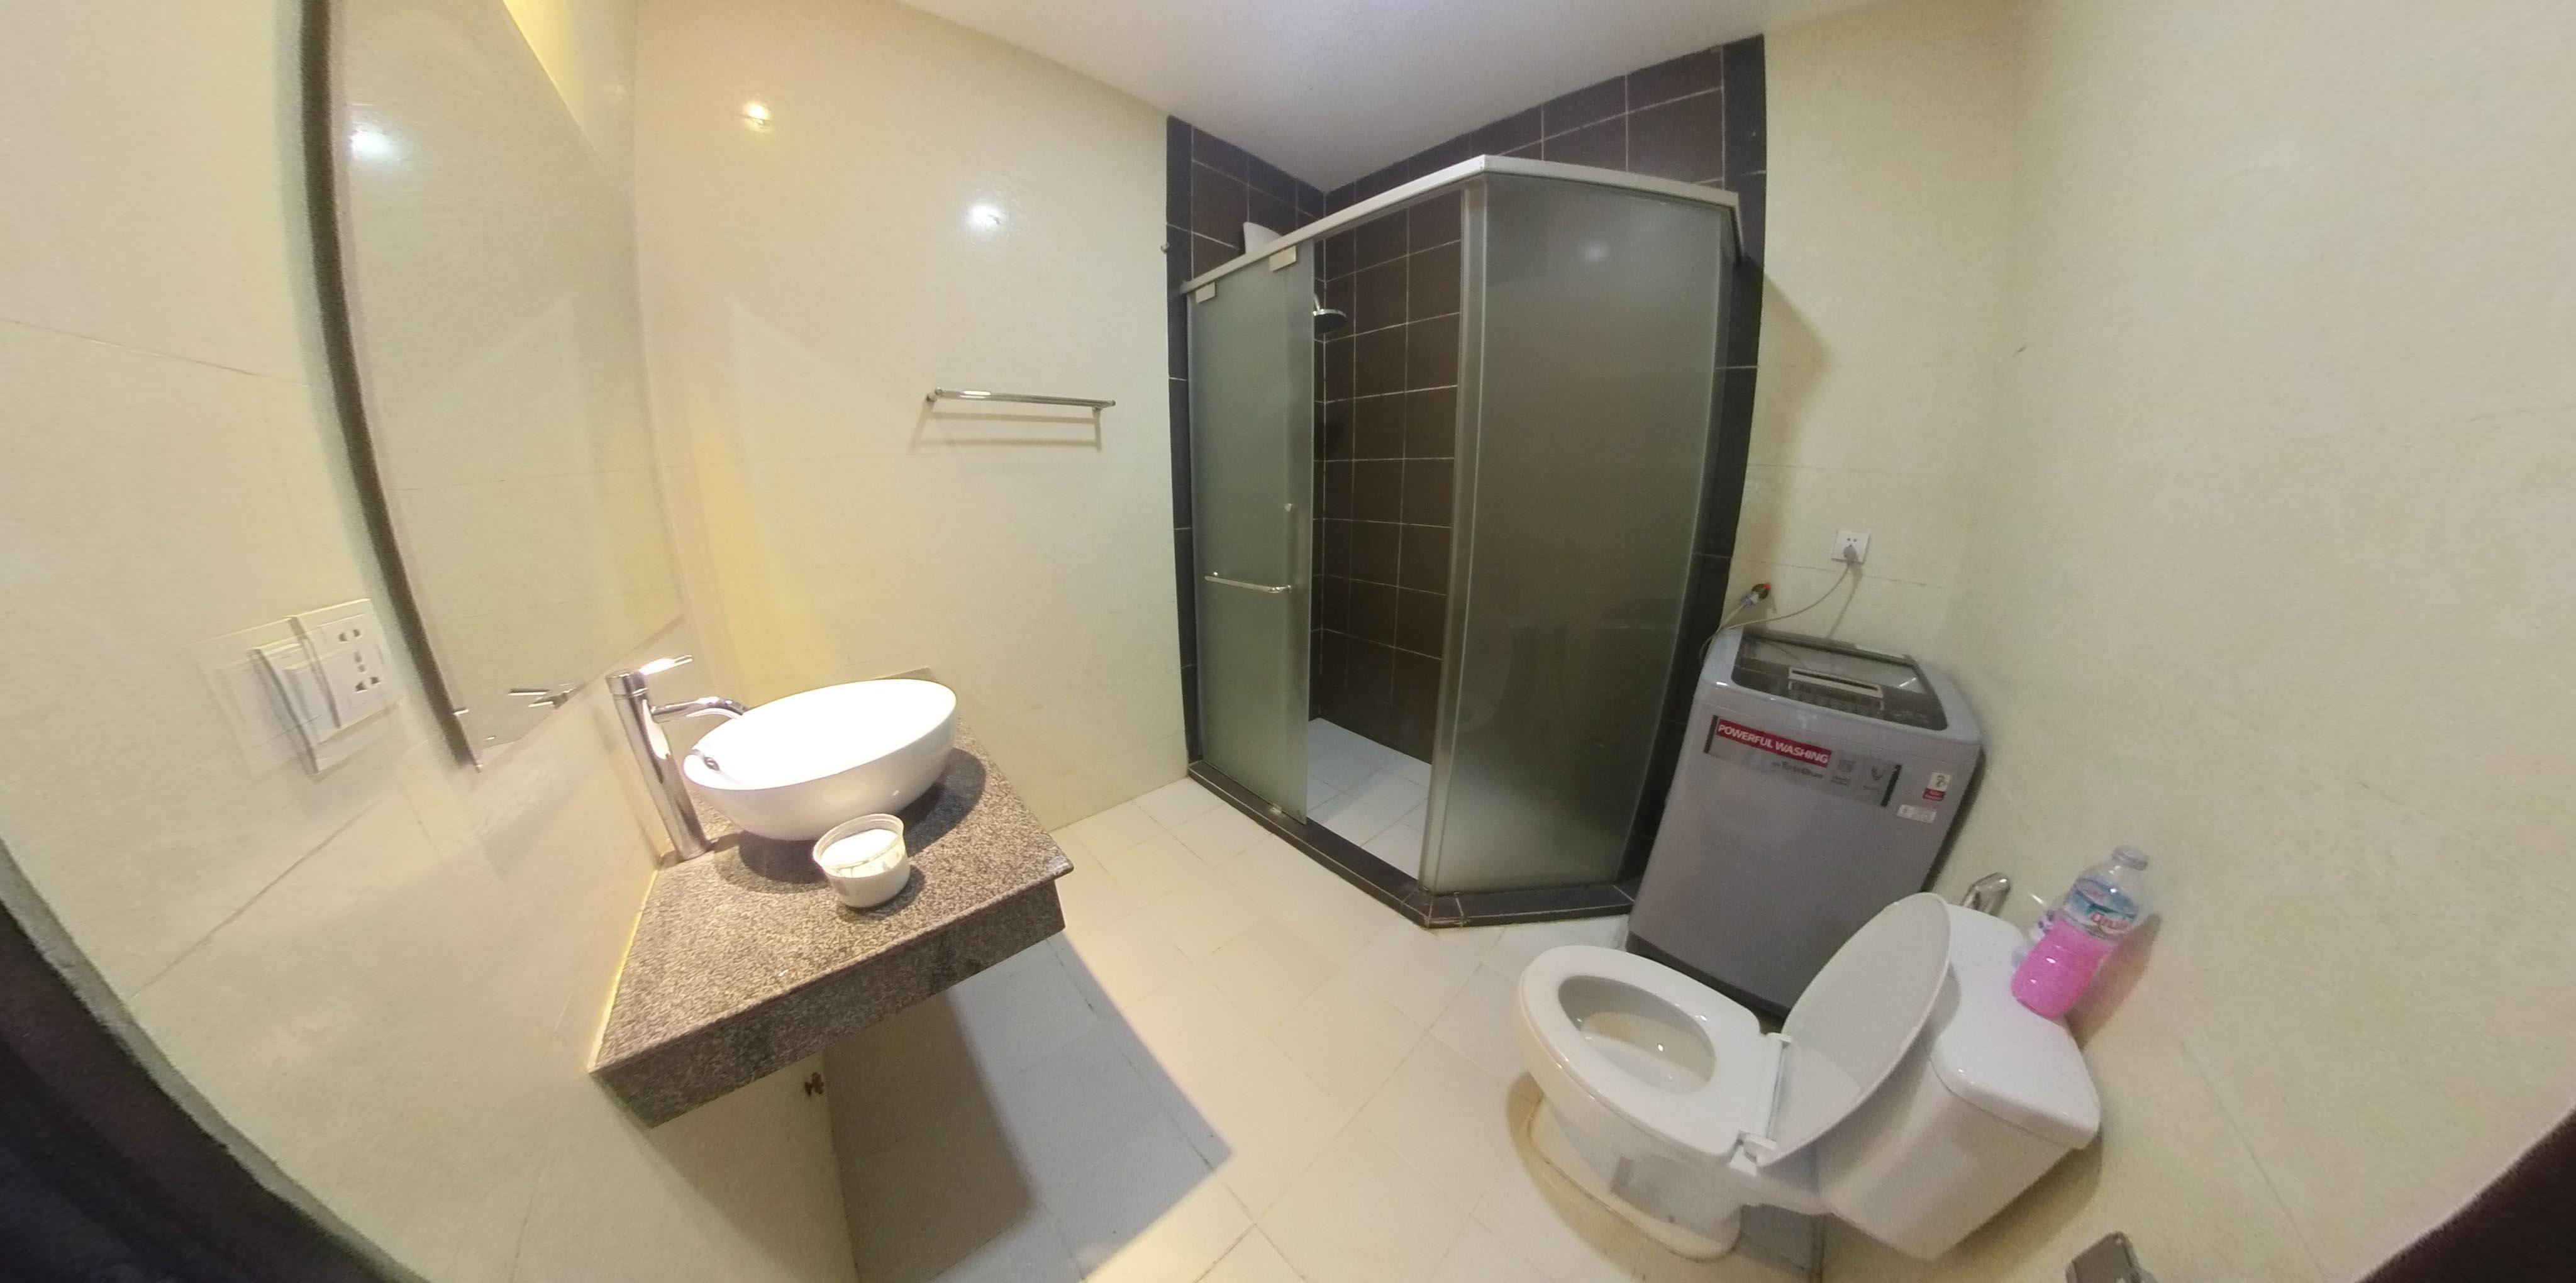 【BKK1公寓出租】一房和三房,850美金起